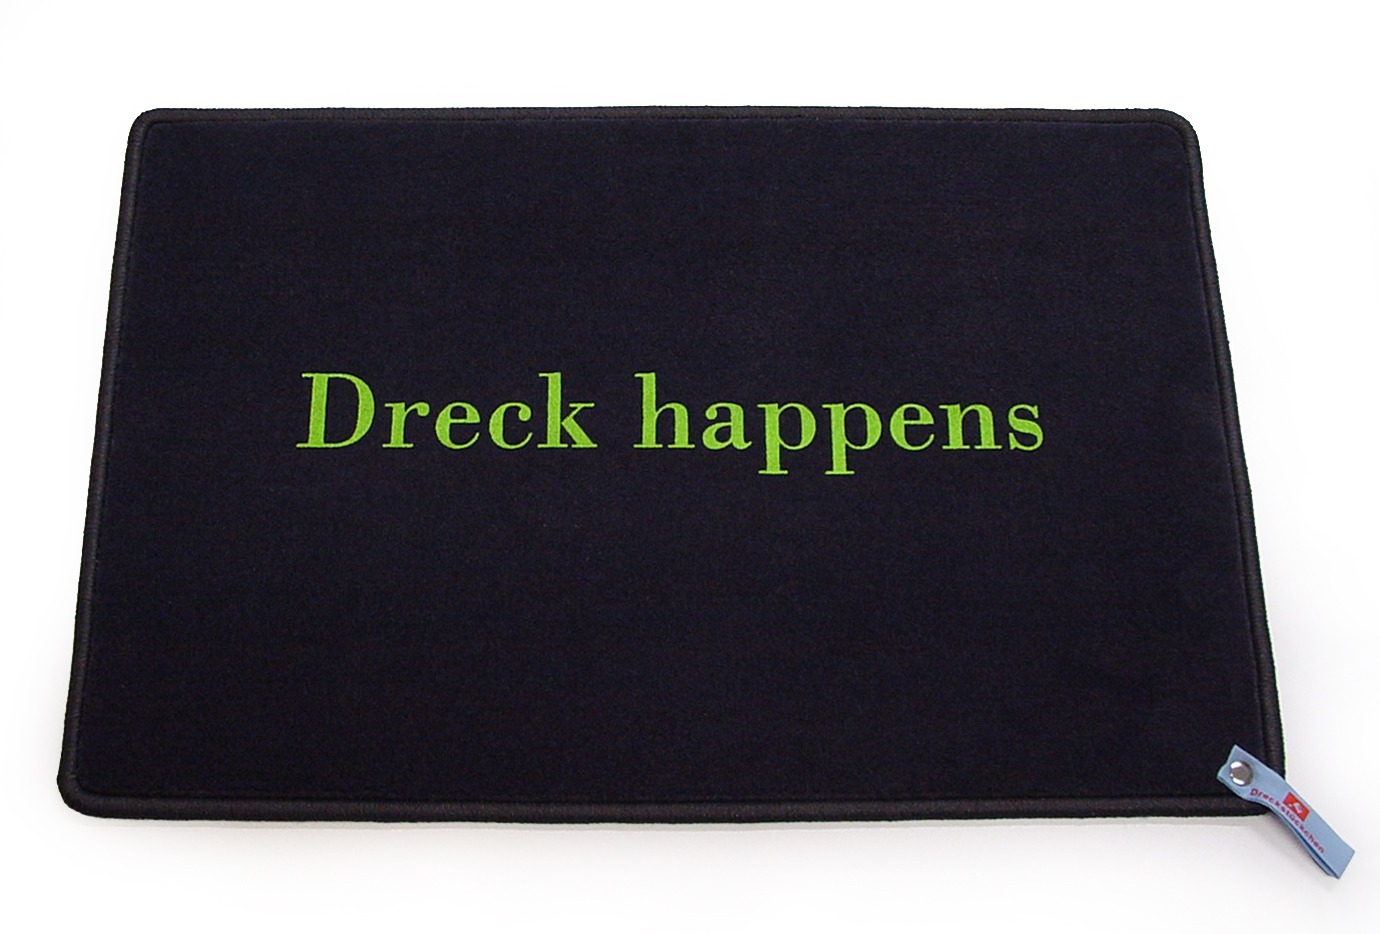 Dreck happens